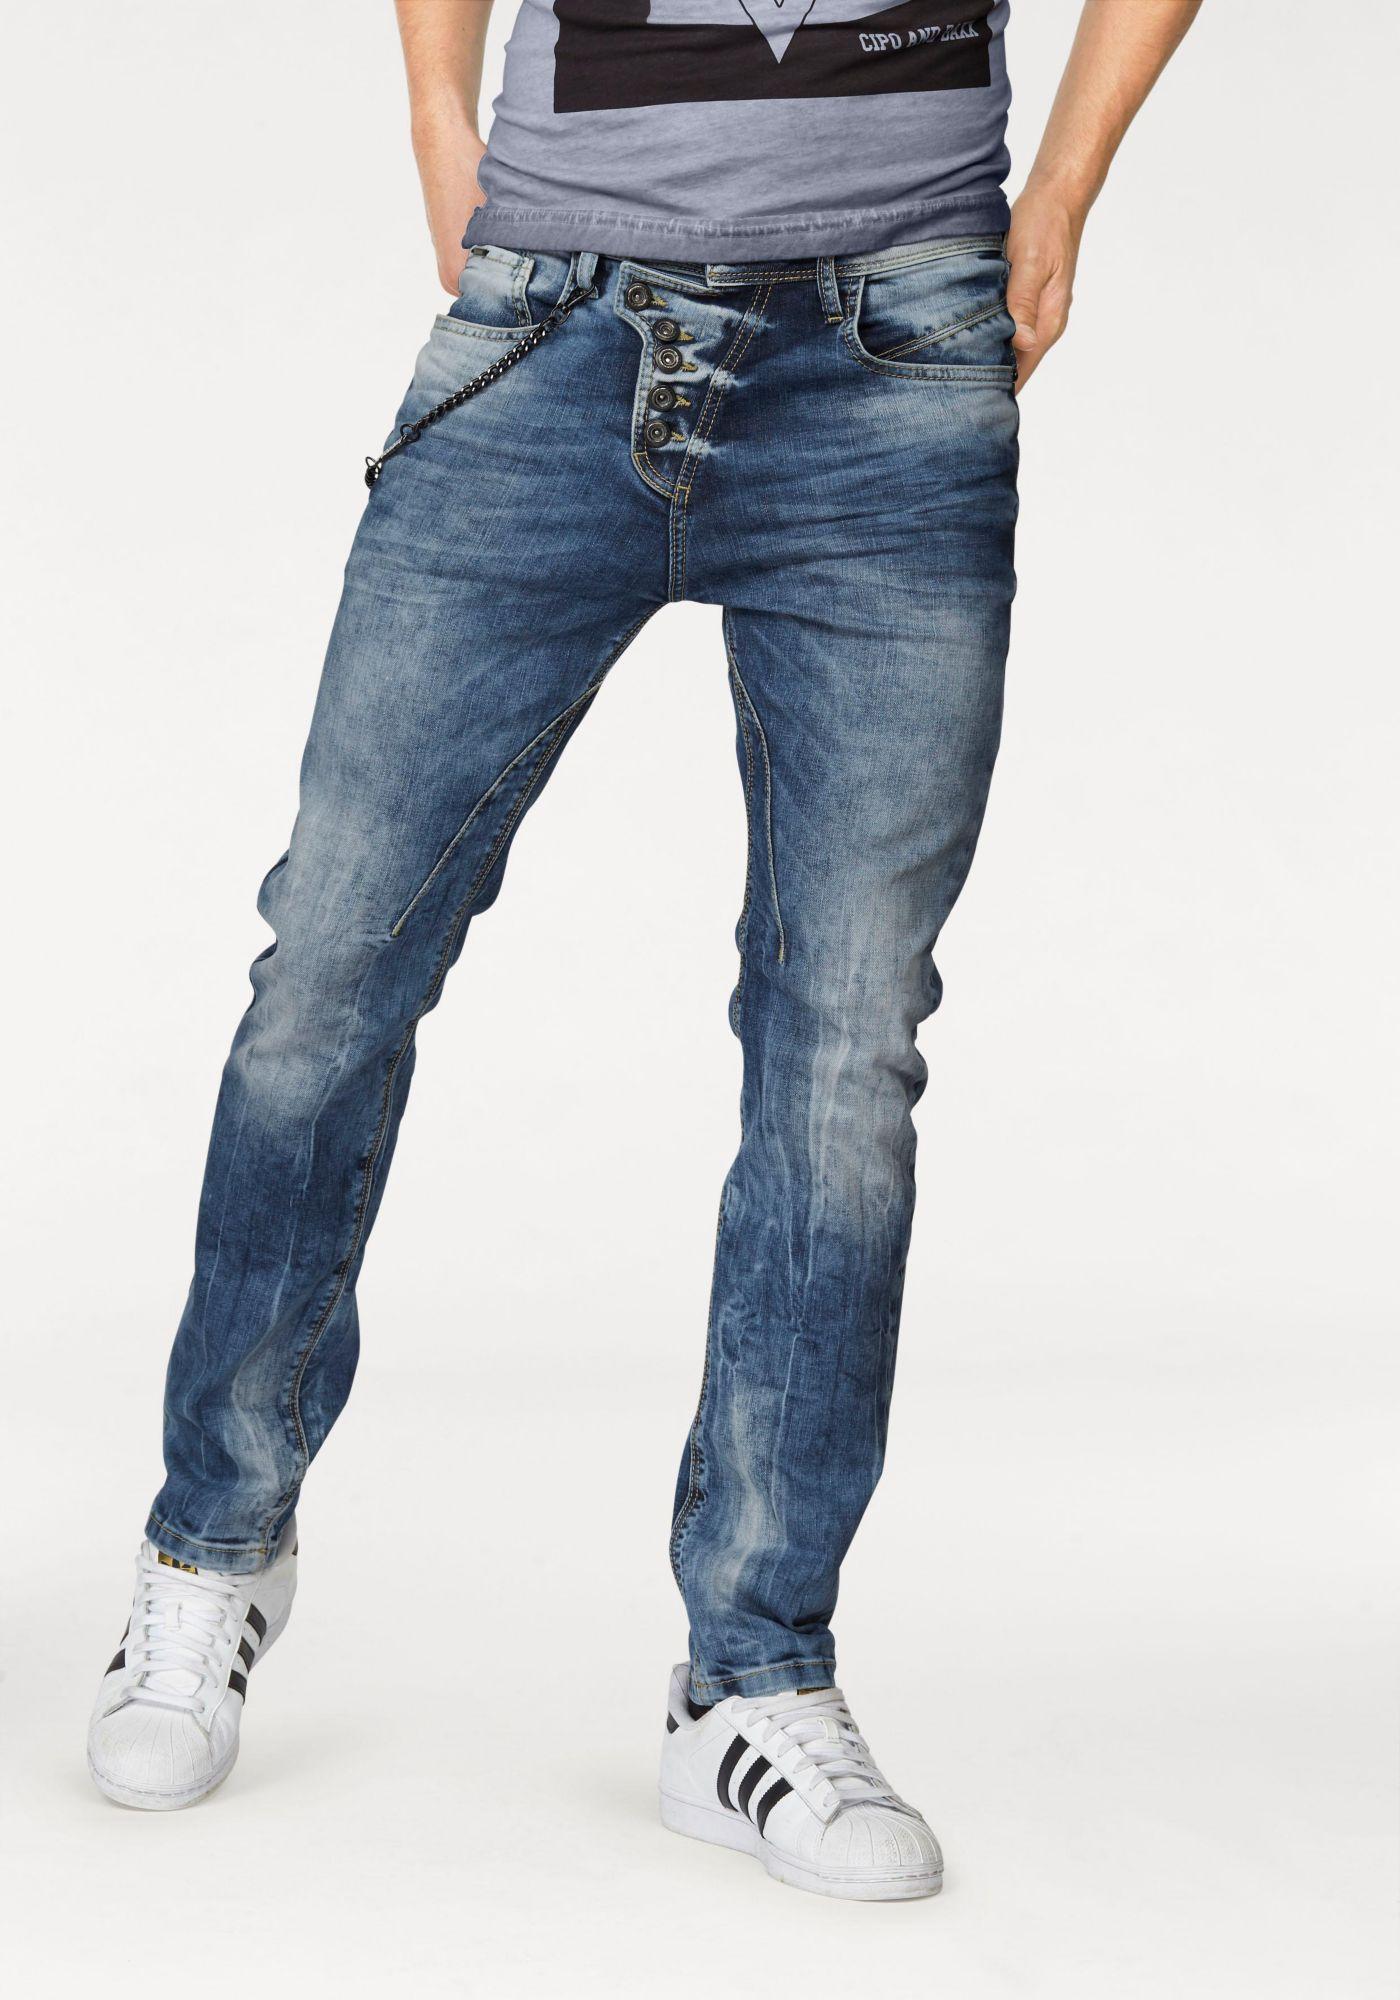 CIPO BAXX Cipo & Baxx Slim-fit-Jeans (Set, mit Hosenkette)